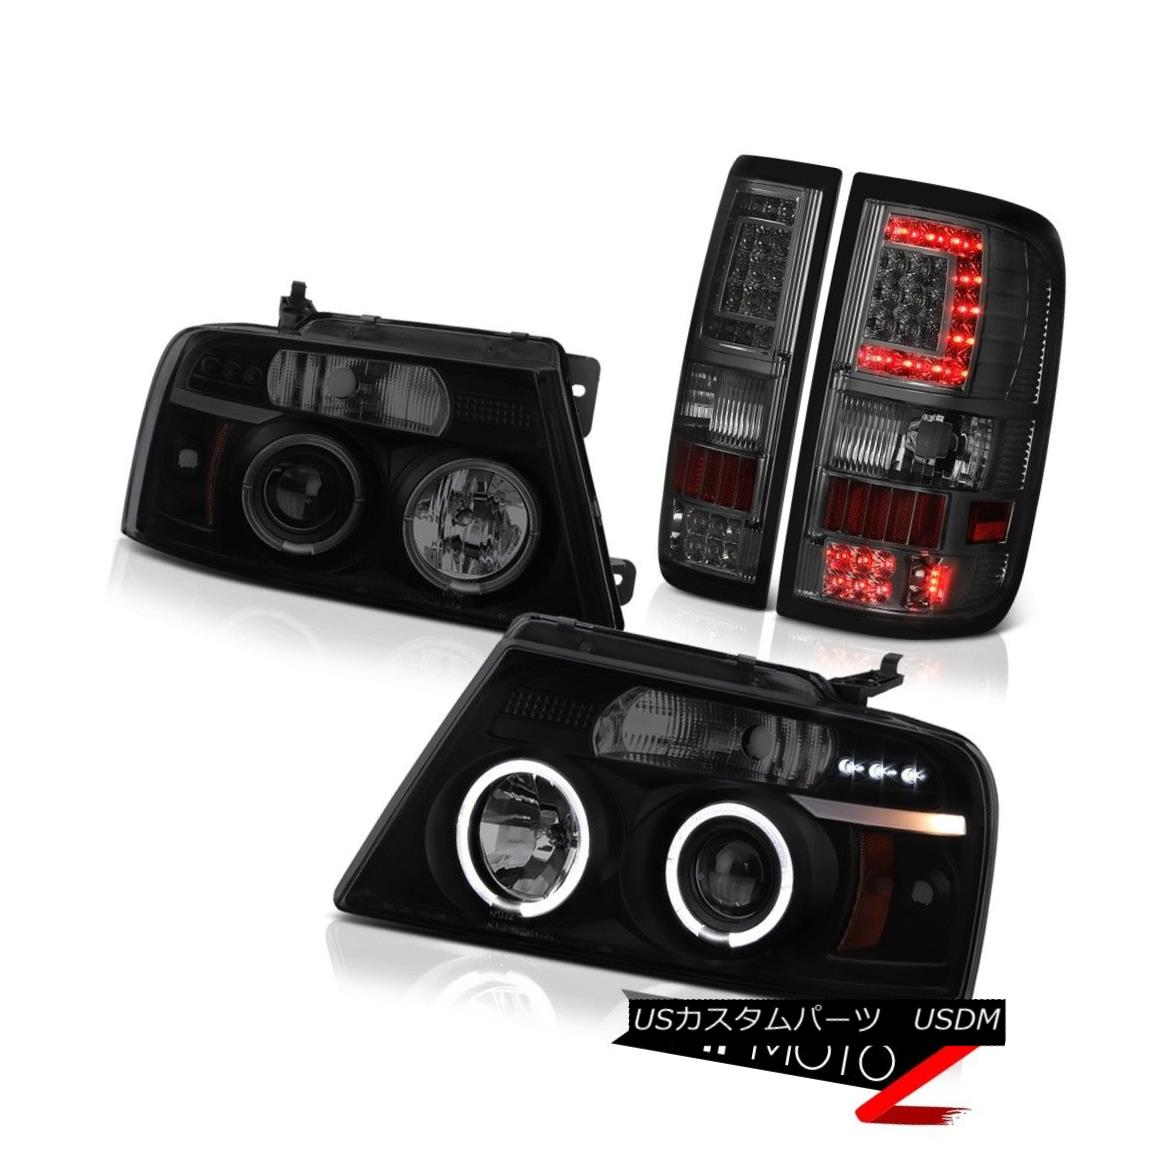 ヘッドライト 04-08 Ford F150 Graphite Smoke Led Tail Lights Sinister Black Projector Head L+R 04-08 Ford F150グラファイト煙LedテールライトSinister黒プロジェクターヘッドL + R